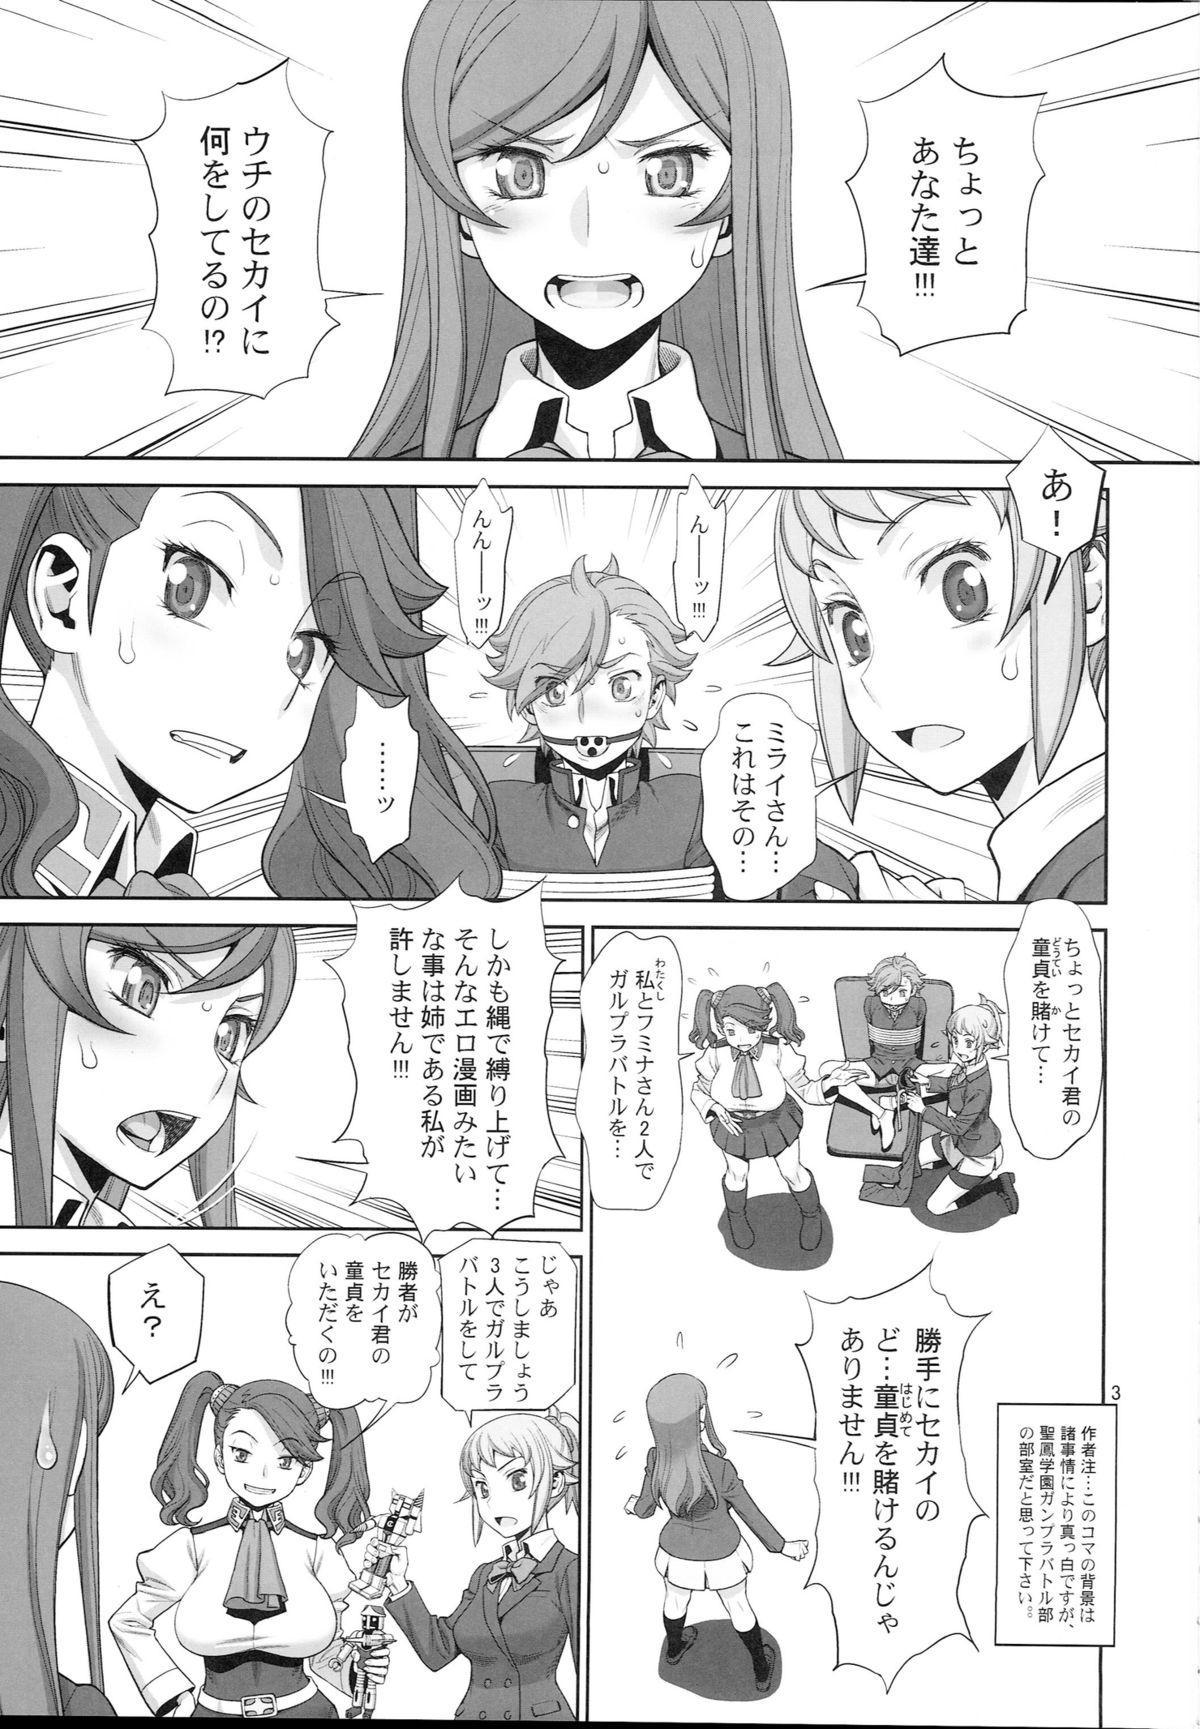 Hajimete no sekai 1